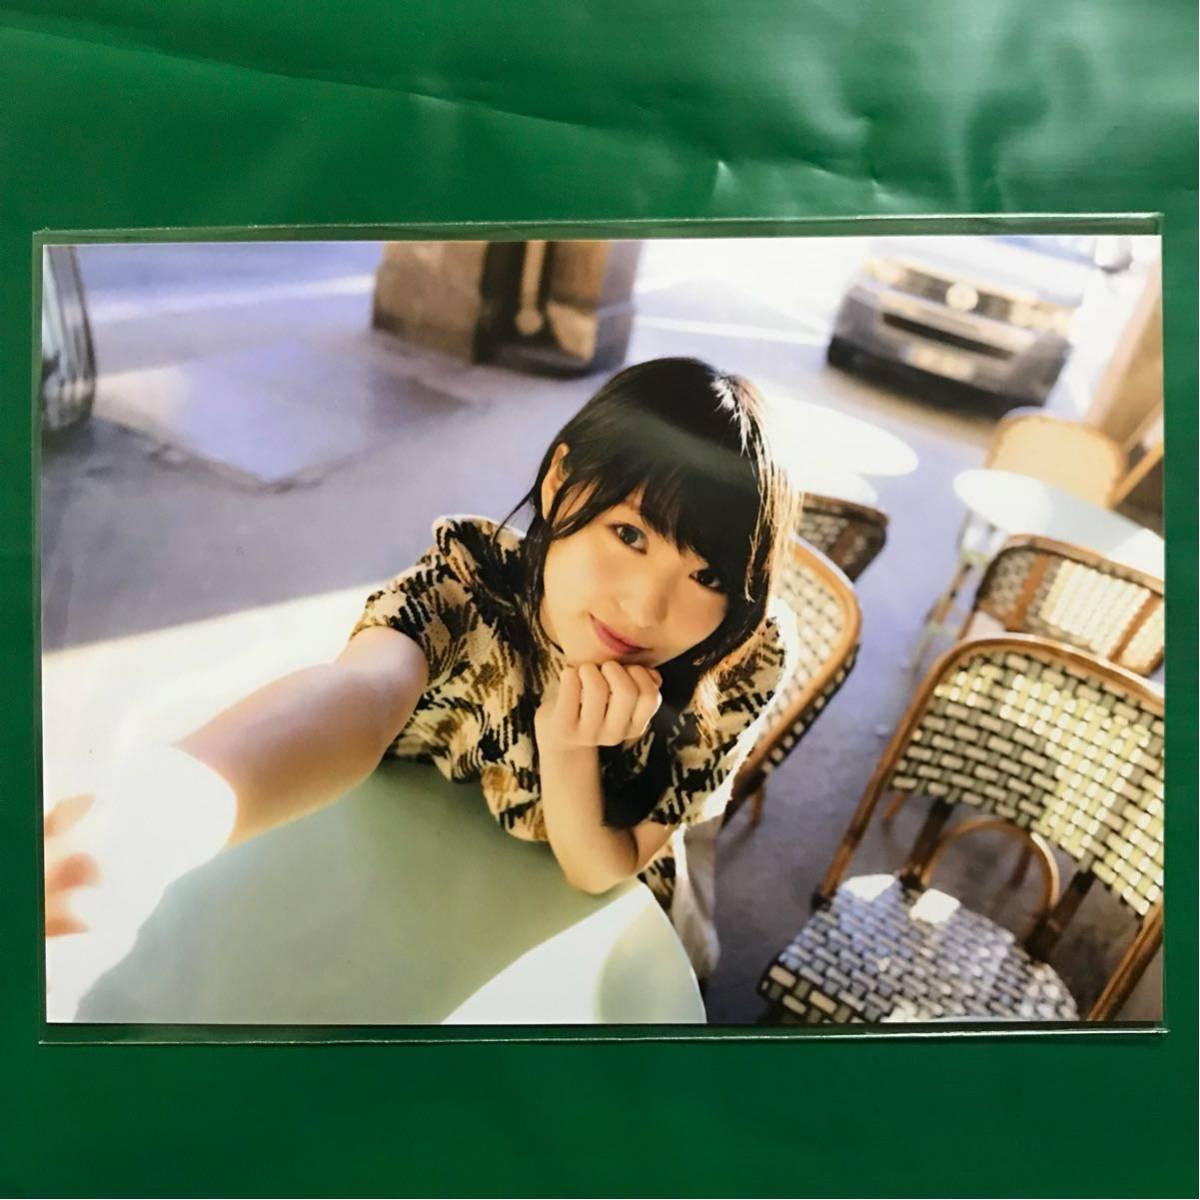 欅坂46 菅井友香 1st写真集 フィアンセ サイン入り写真集 お渡し会_画像5